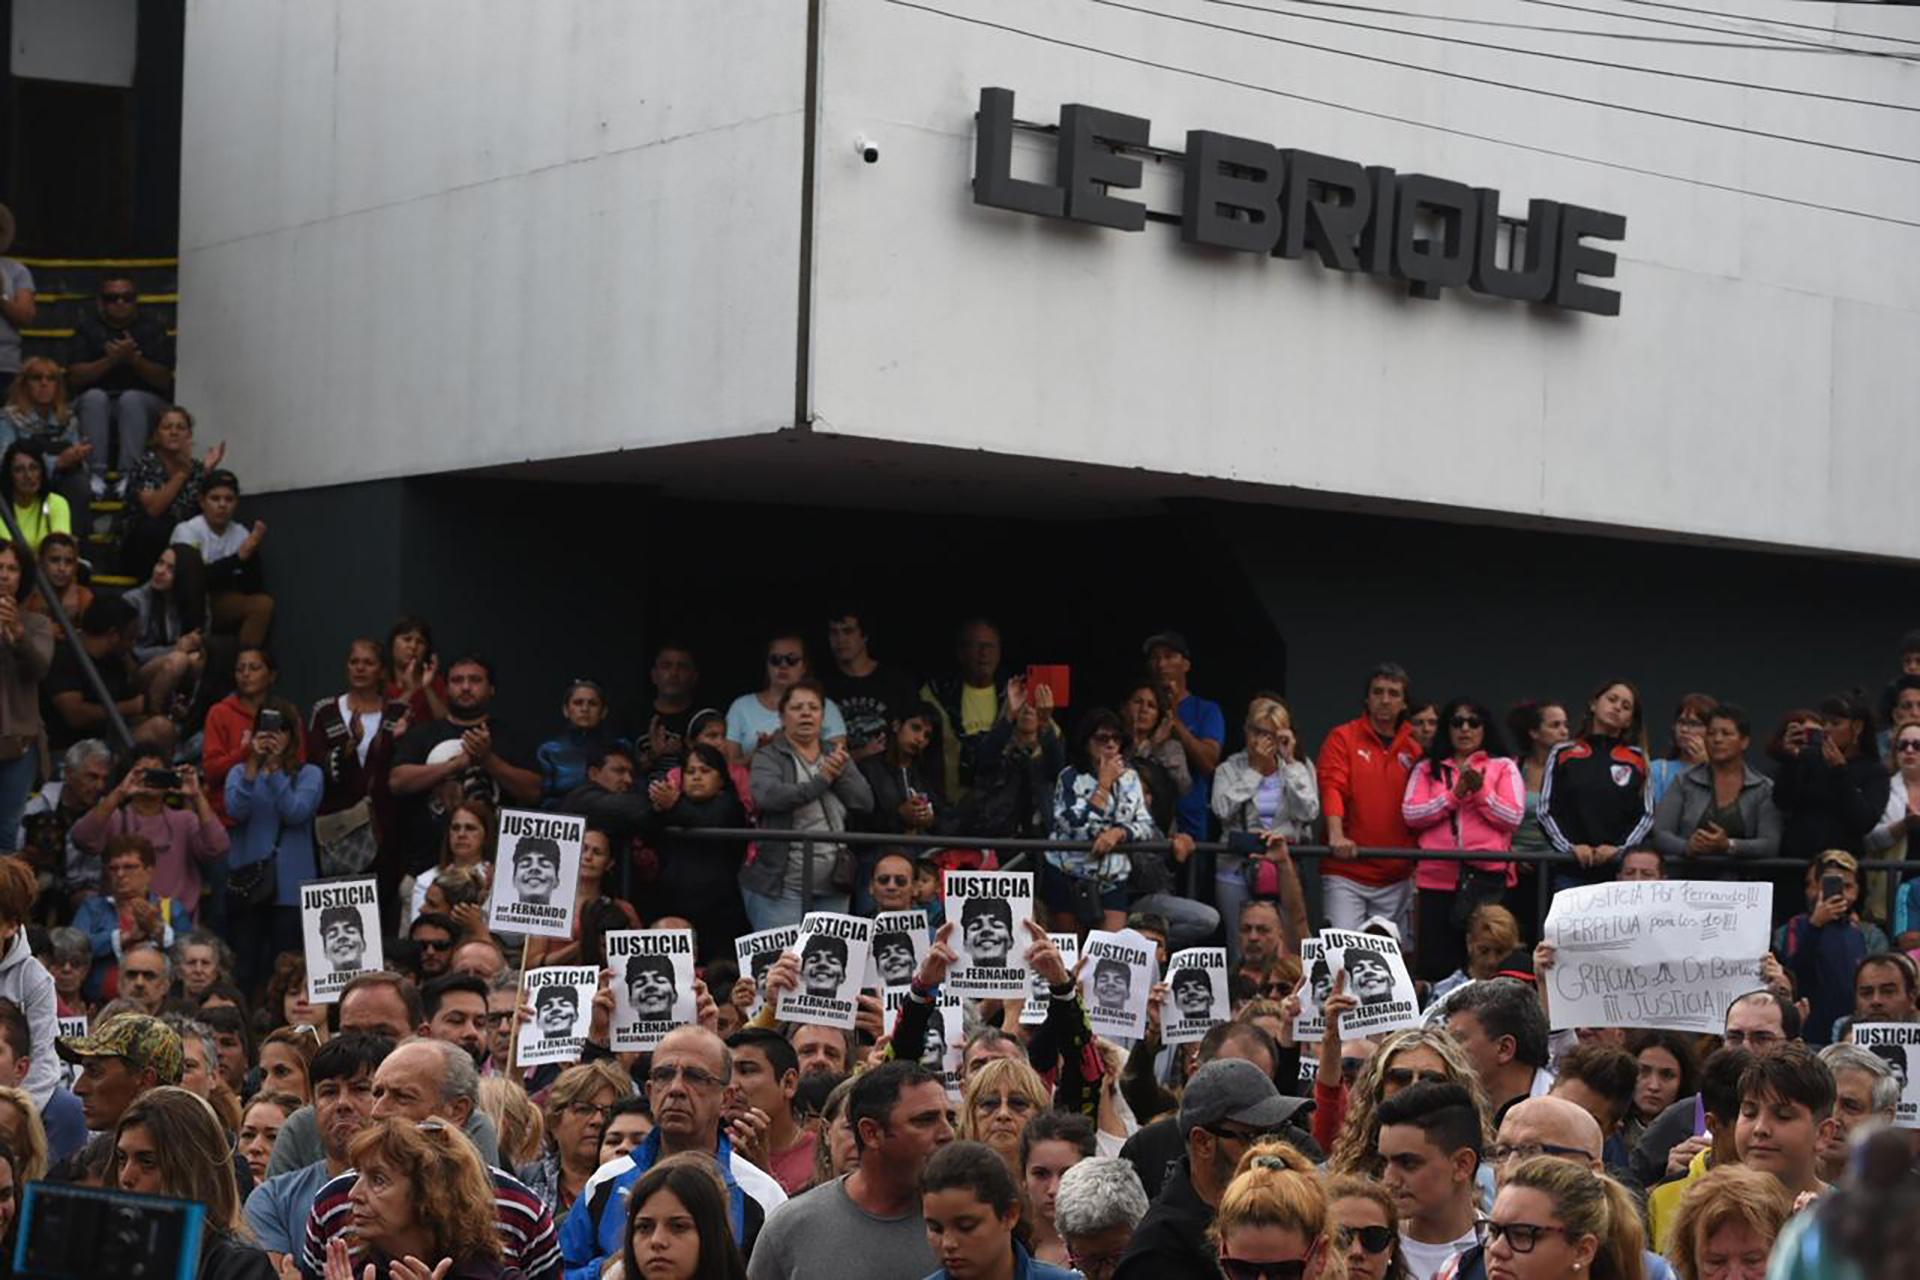 También se realiza una movilización frente al boliche Le Brique en Villa Gesell